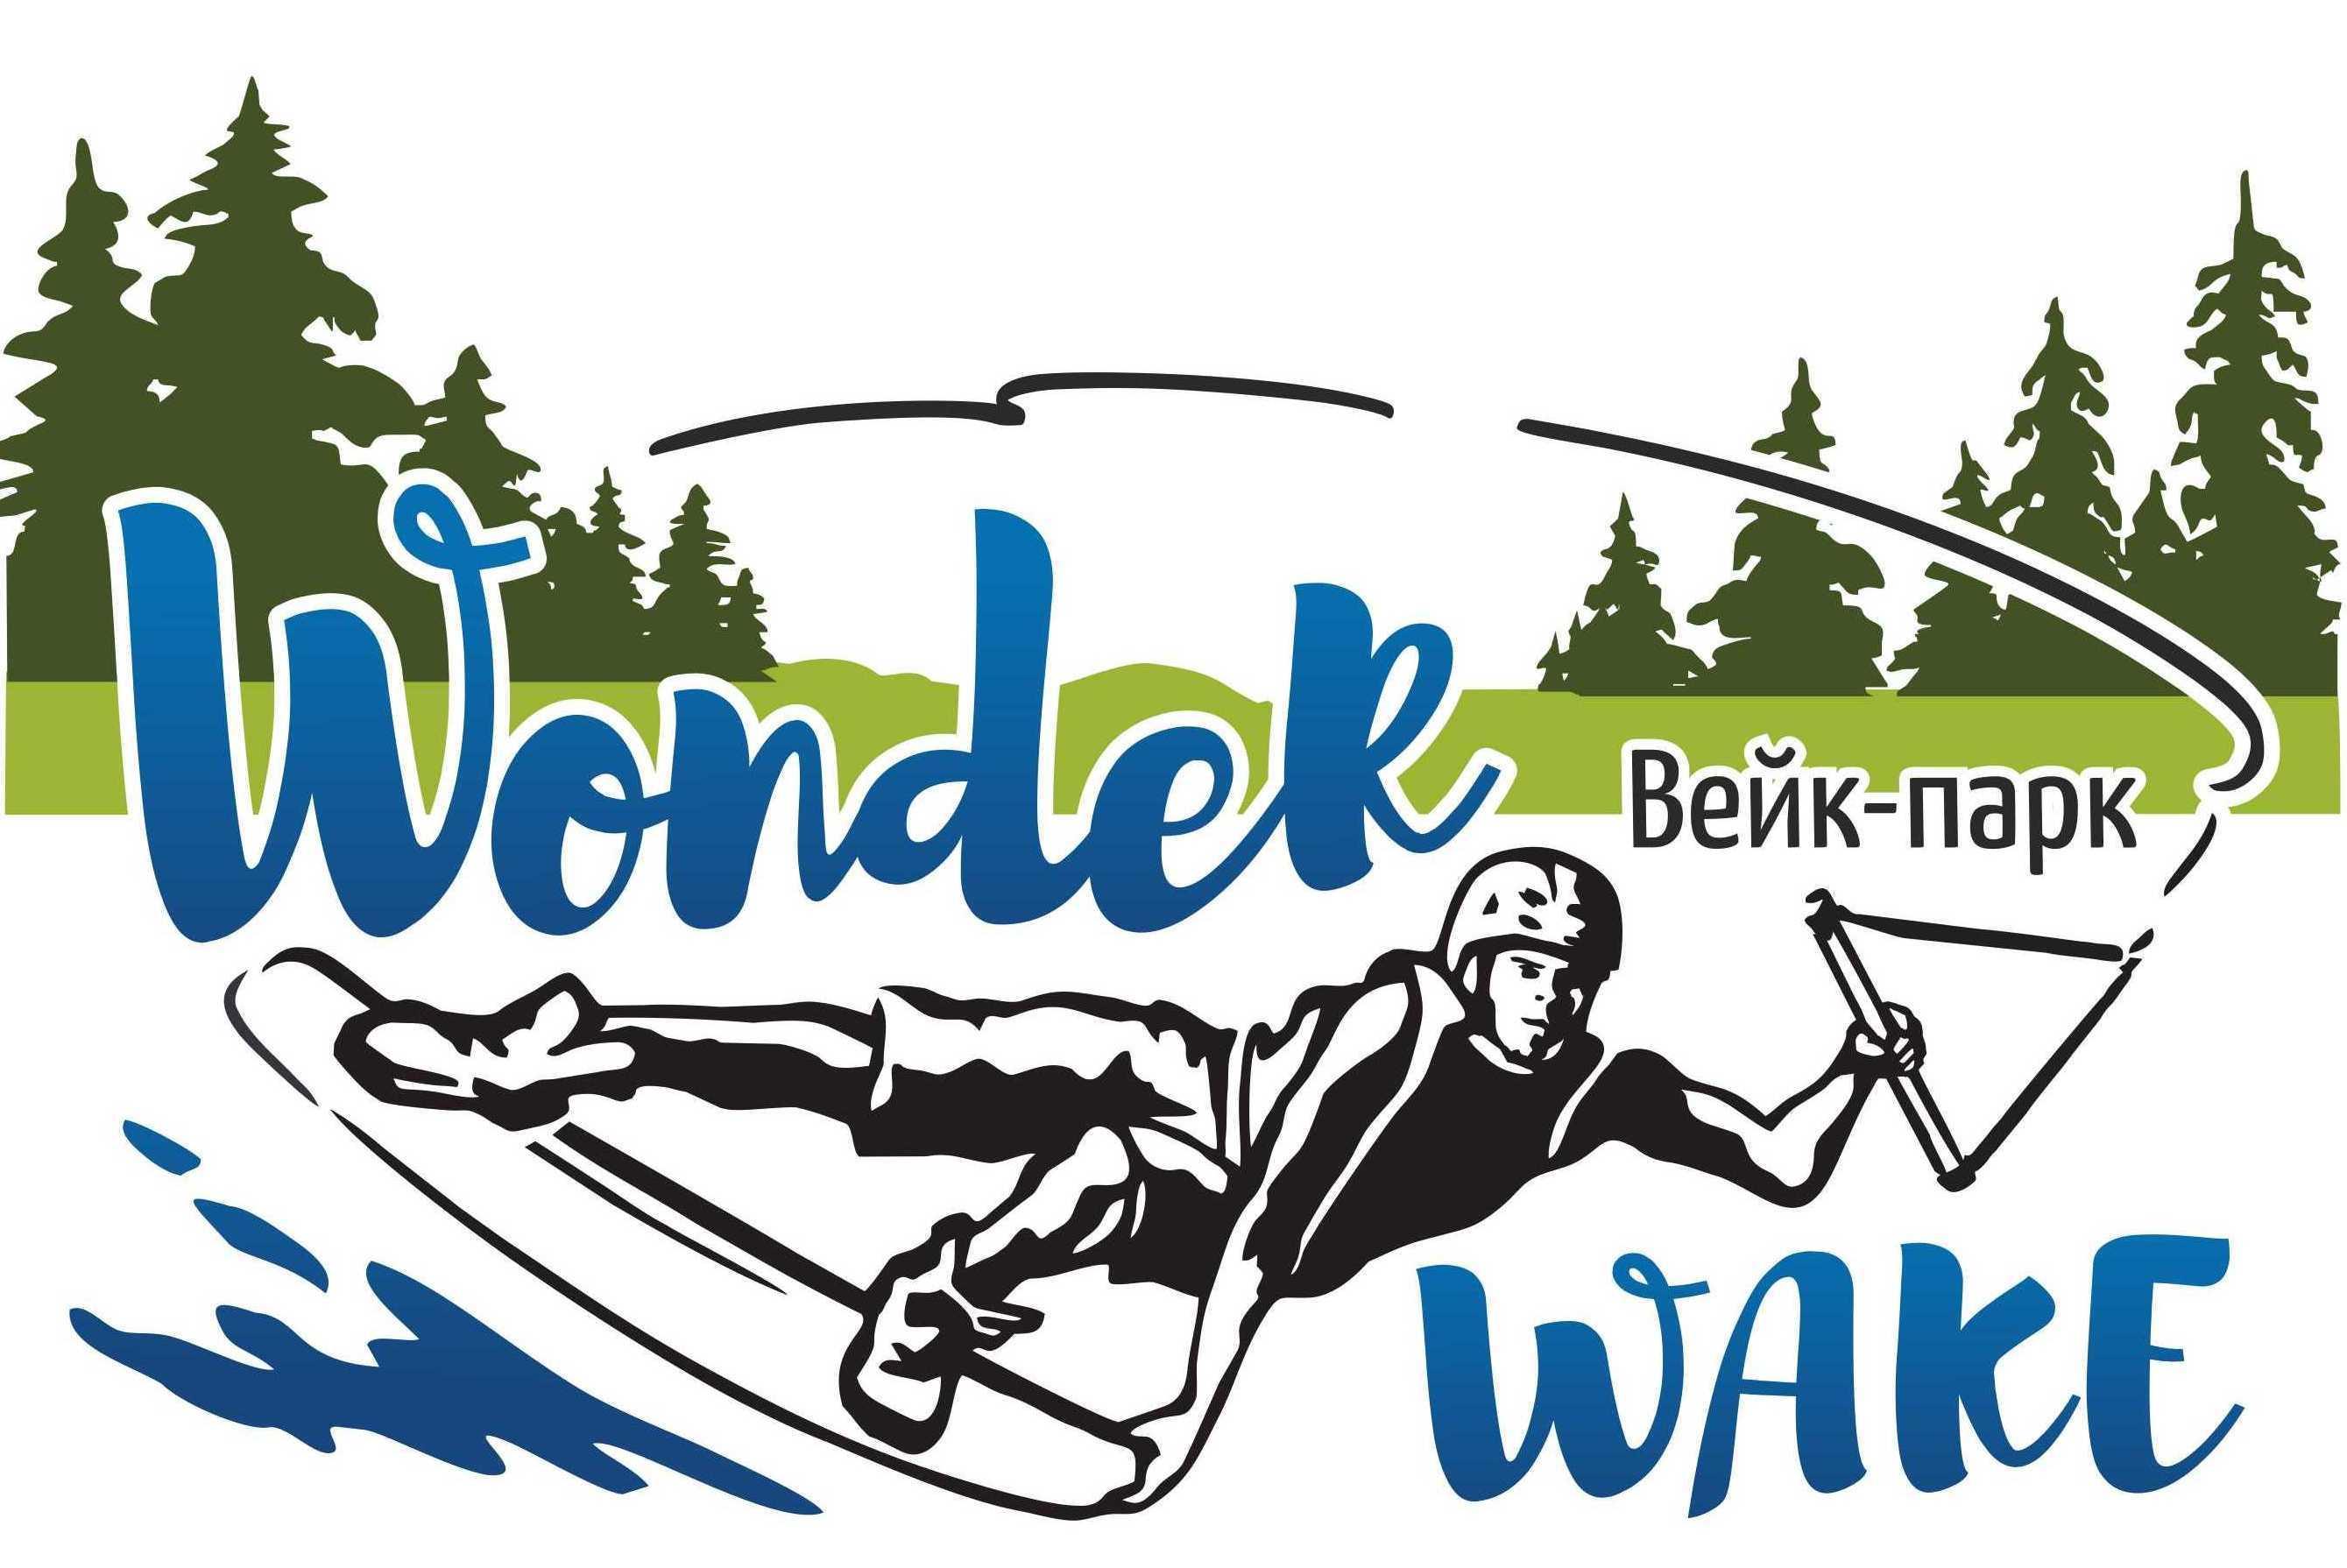 Вейк-парк WONDERWAKE в Санкт-Петербурге.